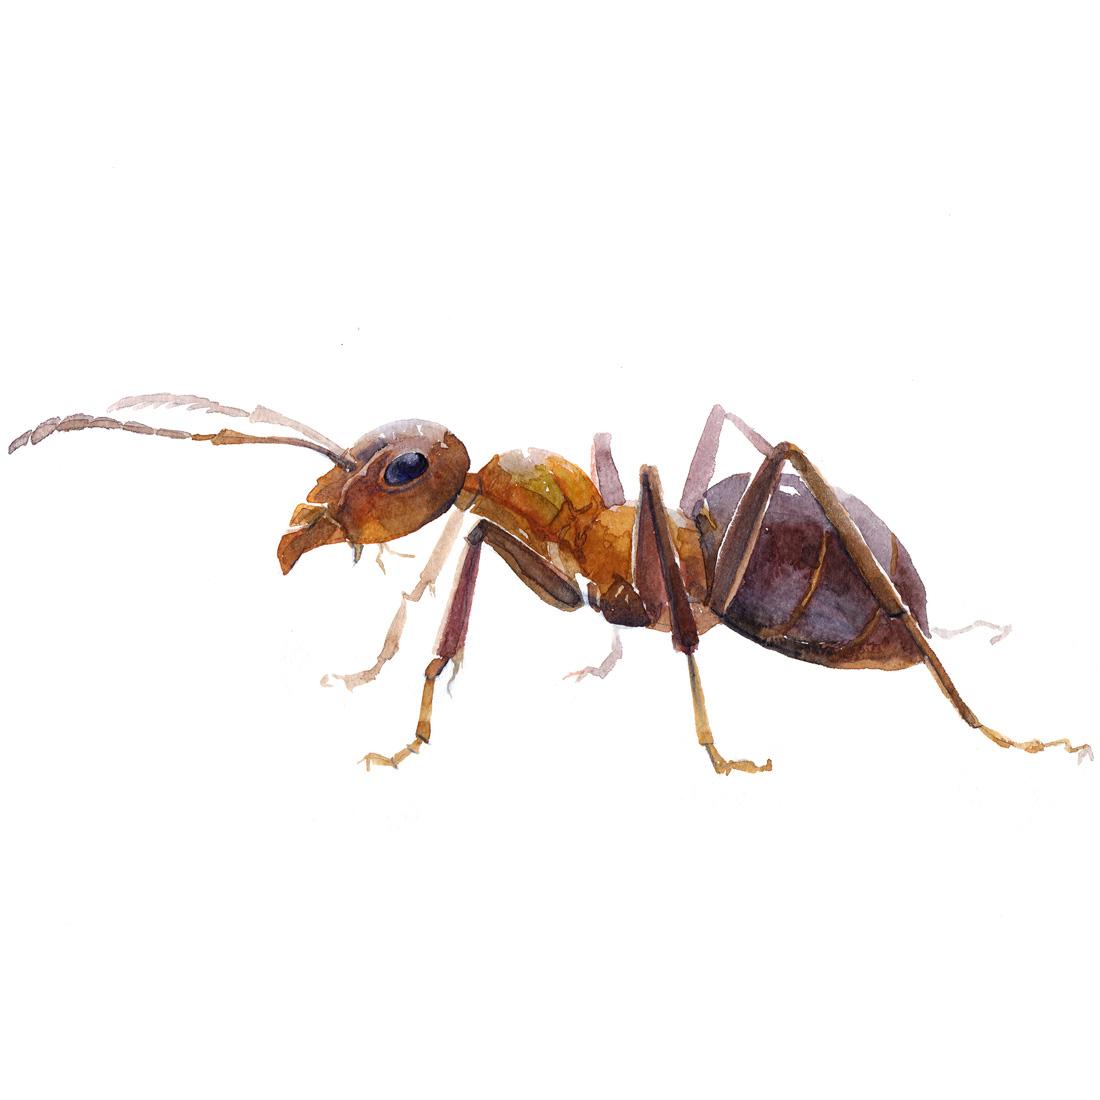 ants-nest-1100.jpg